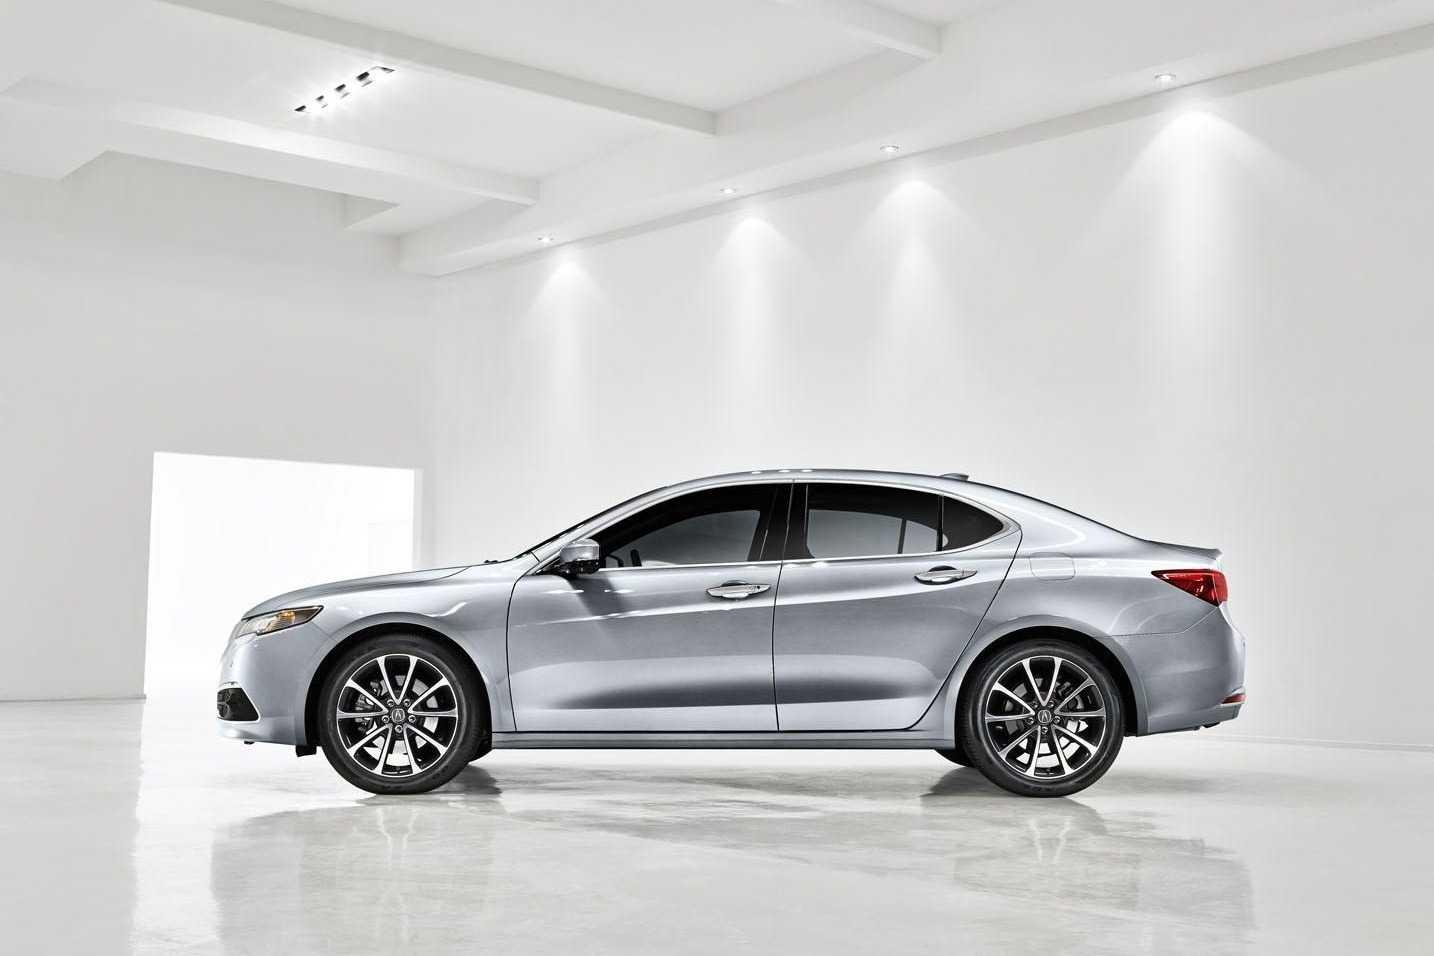 Acura mdx 2021 скоро в россии! фото, цены и дата выхода нового поколения